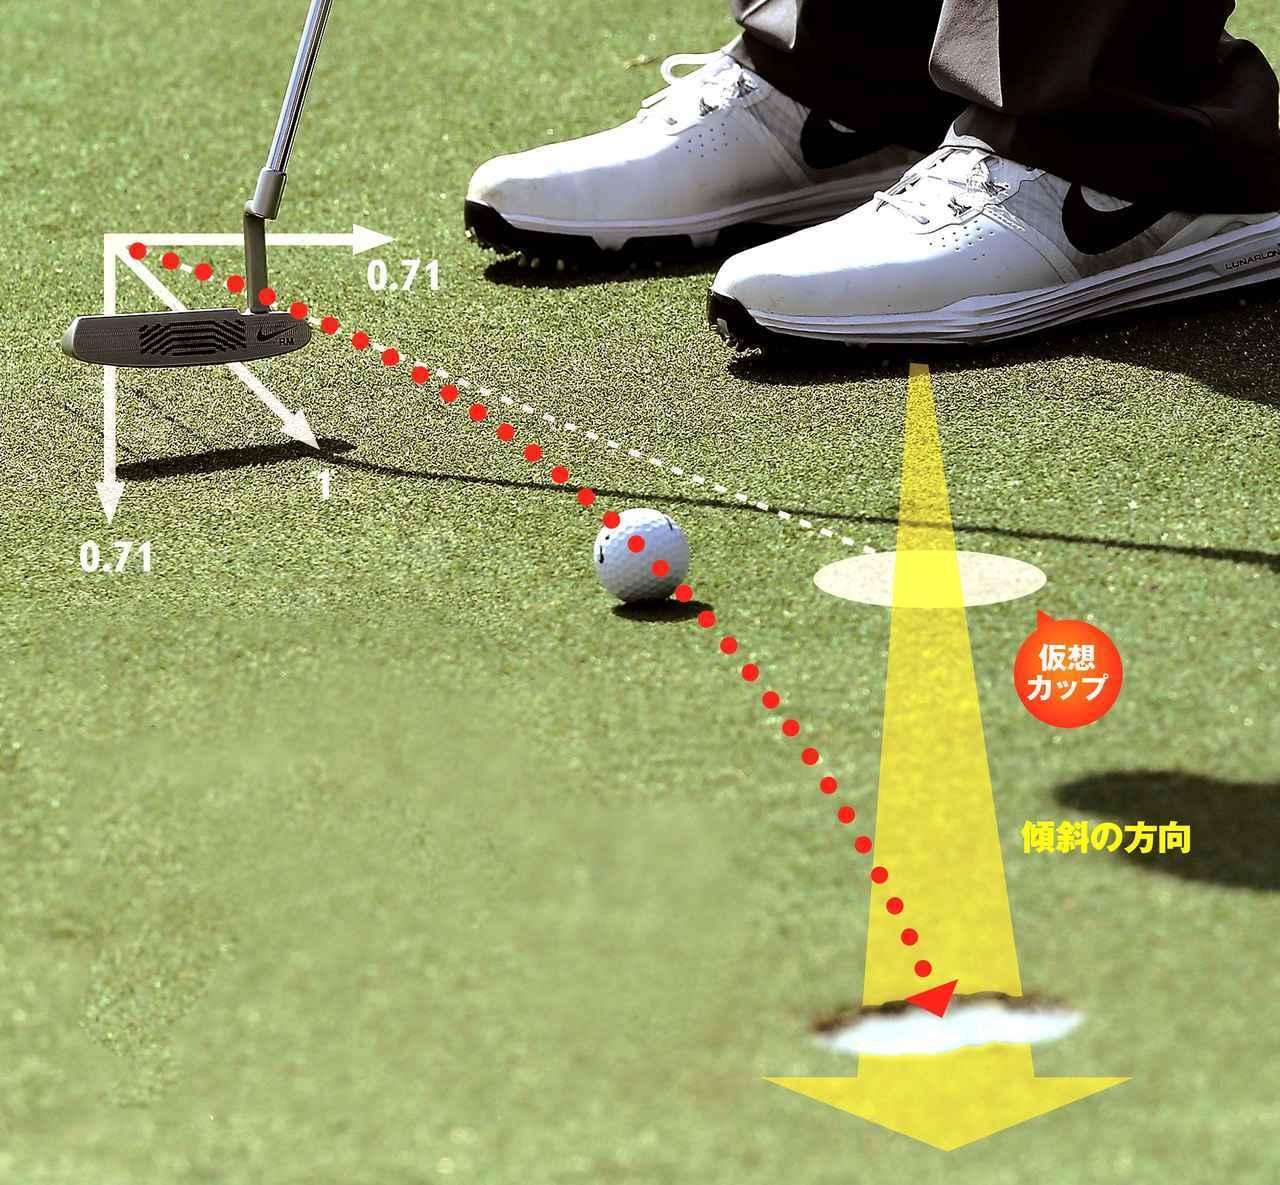 """画像: 下りの曲がるラインにある仮想カップは、実際のカップからかなり遠い位置になる。「こんなに上を狙うの?」と思うほどの大胆な読みと、""""2つの支点""""の振り子を使った繊細なタッチが必要"""